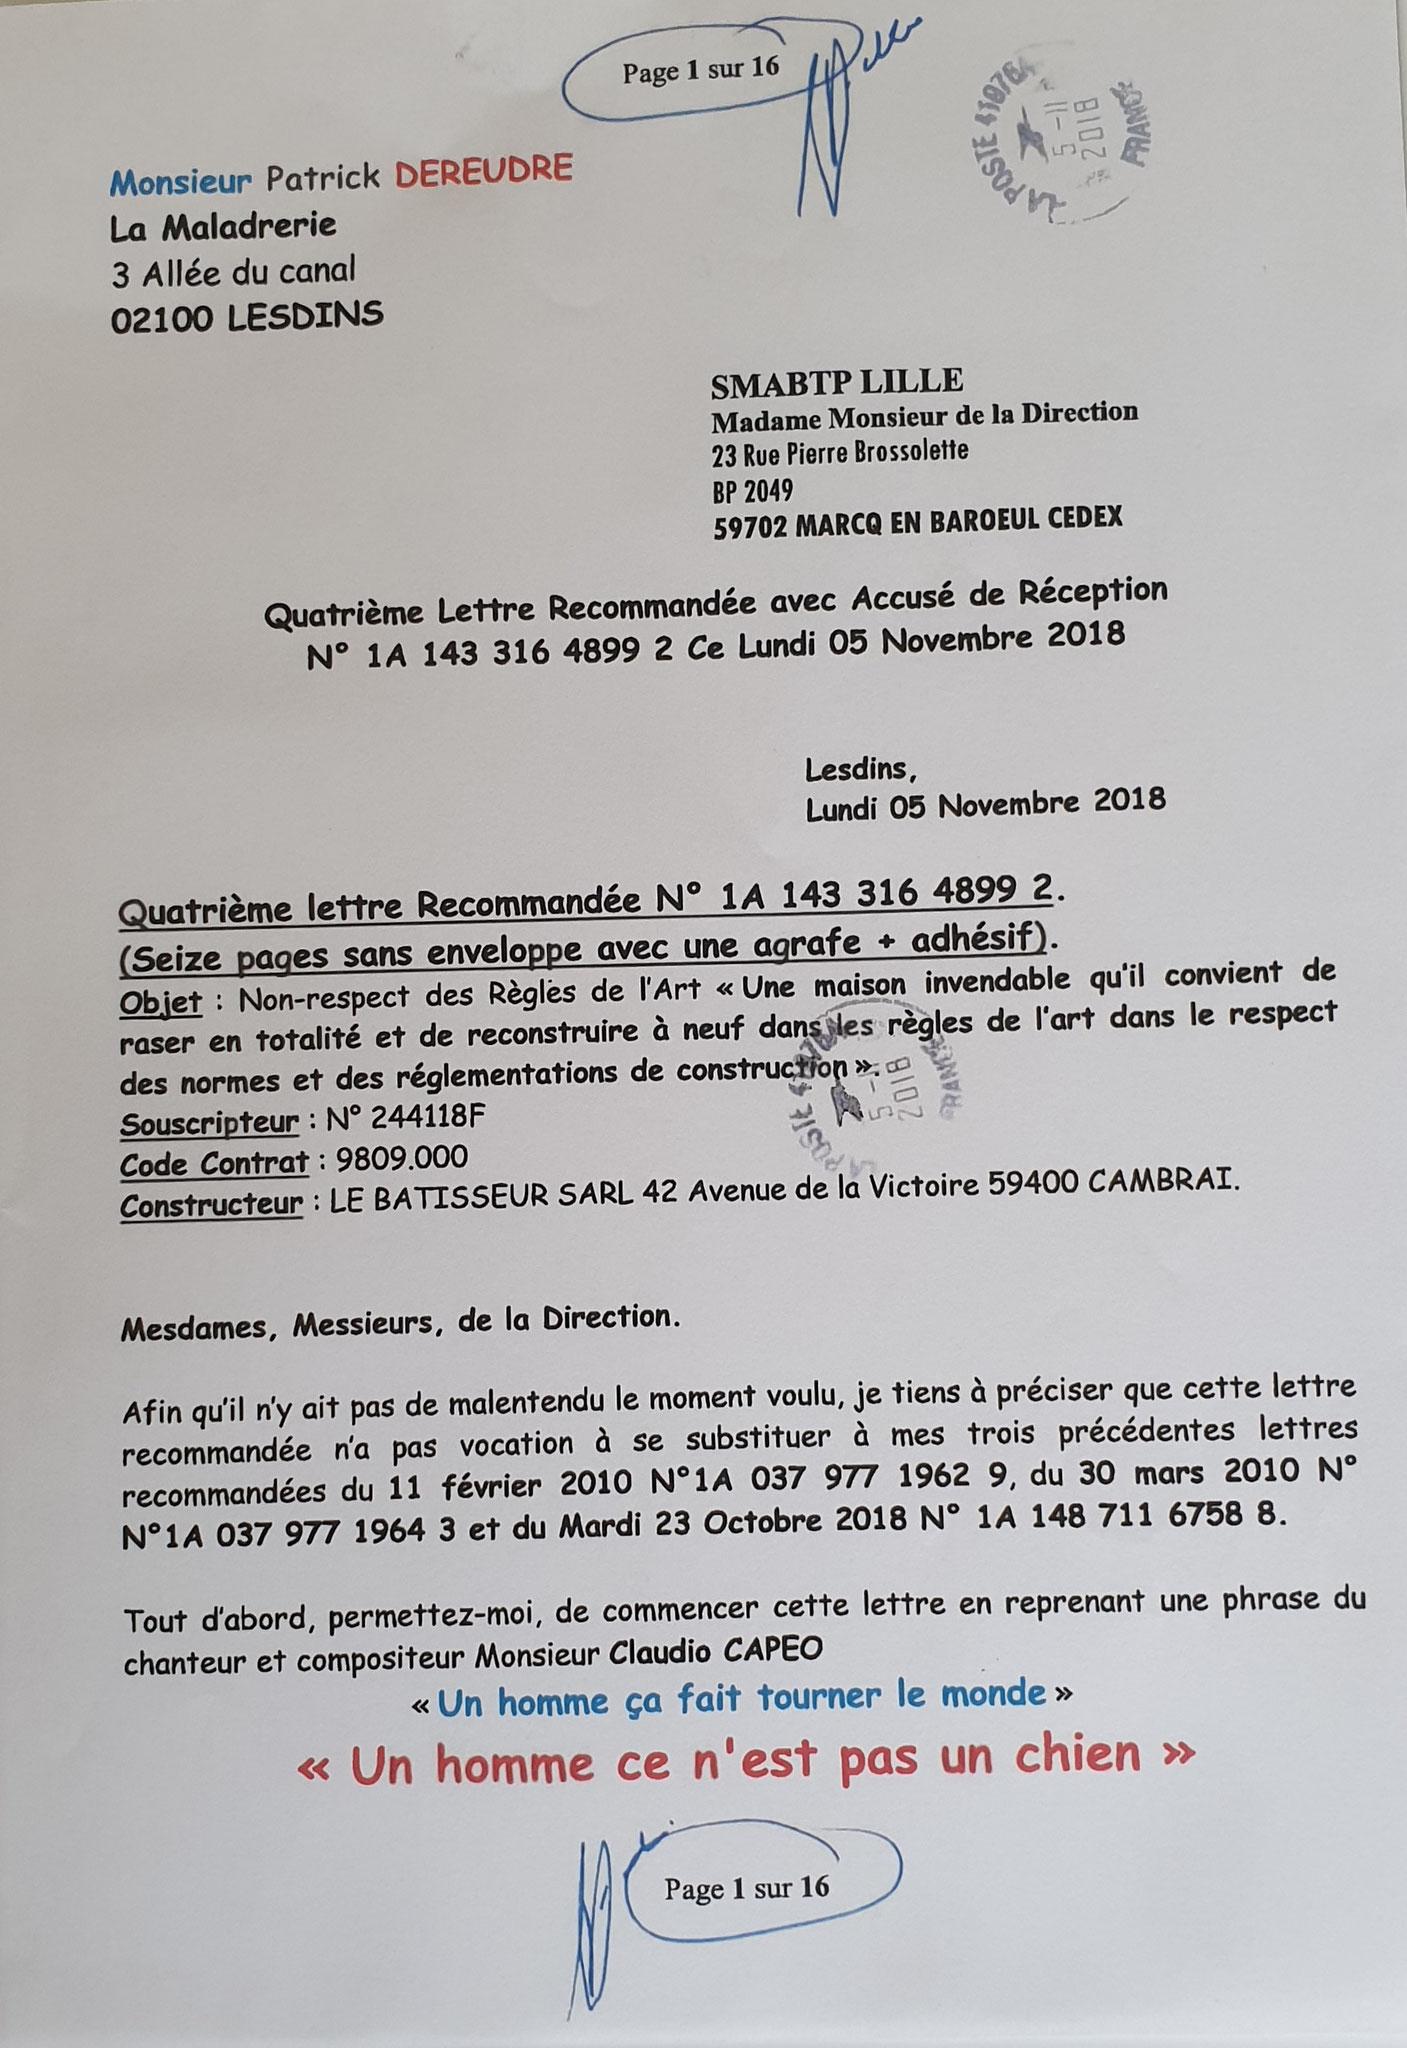 Le 05 Novembre 2018 j'adresse une quatrième LRAR N0 1A 143 316 4899 2 à SMABTP (seize pages) www.jenesuispasunchien.fr www.jesuisvictime.fr www.jesuispatrick.fr PARJURE & CORRUPTION